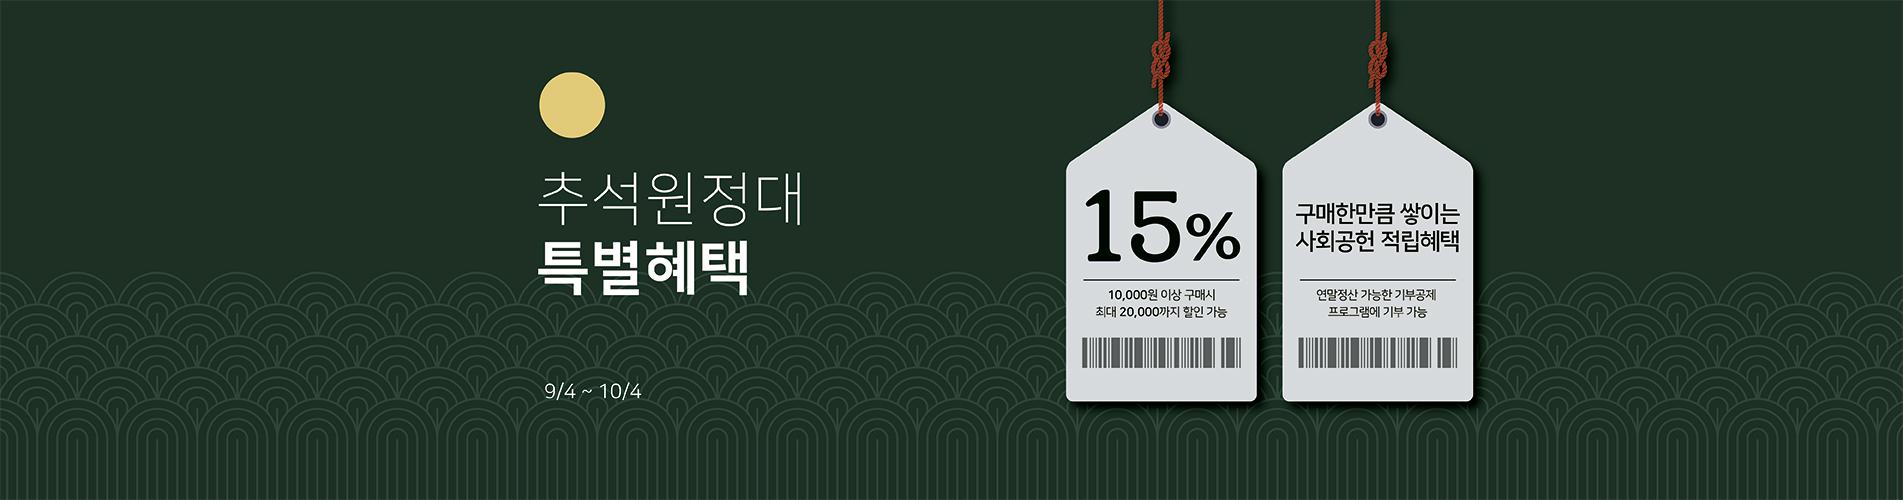 메인배너2-추석원정대, 30밀리스토어x경기도사회적경제센터 추석선물세트 기획전